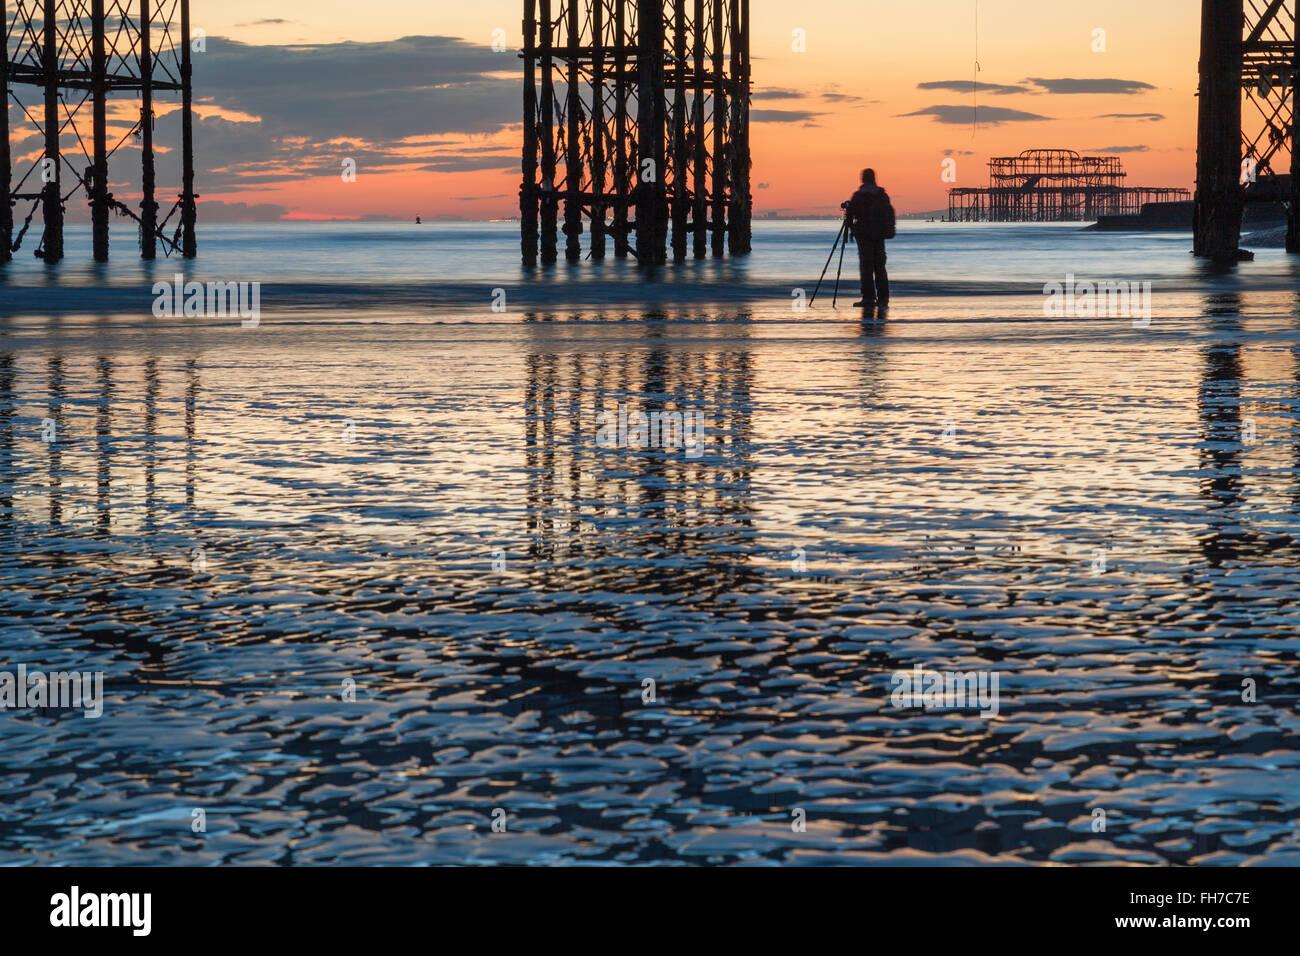 Abend am Strand von Brighton bei Ebbe, UK. Stockbild